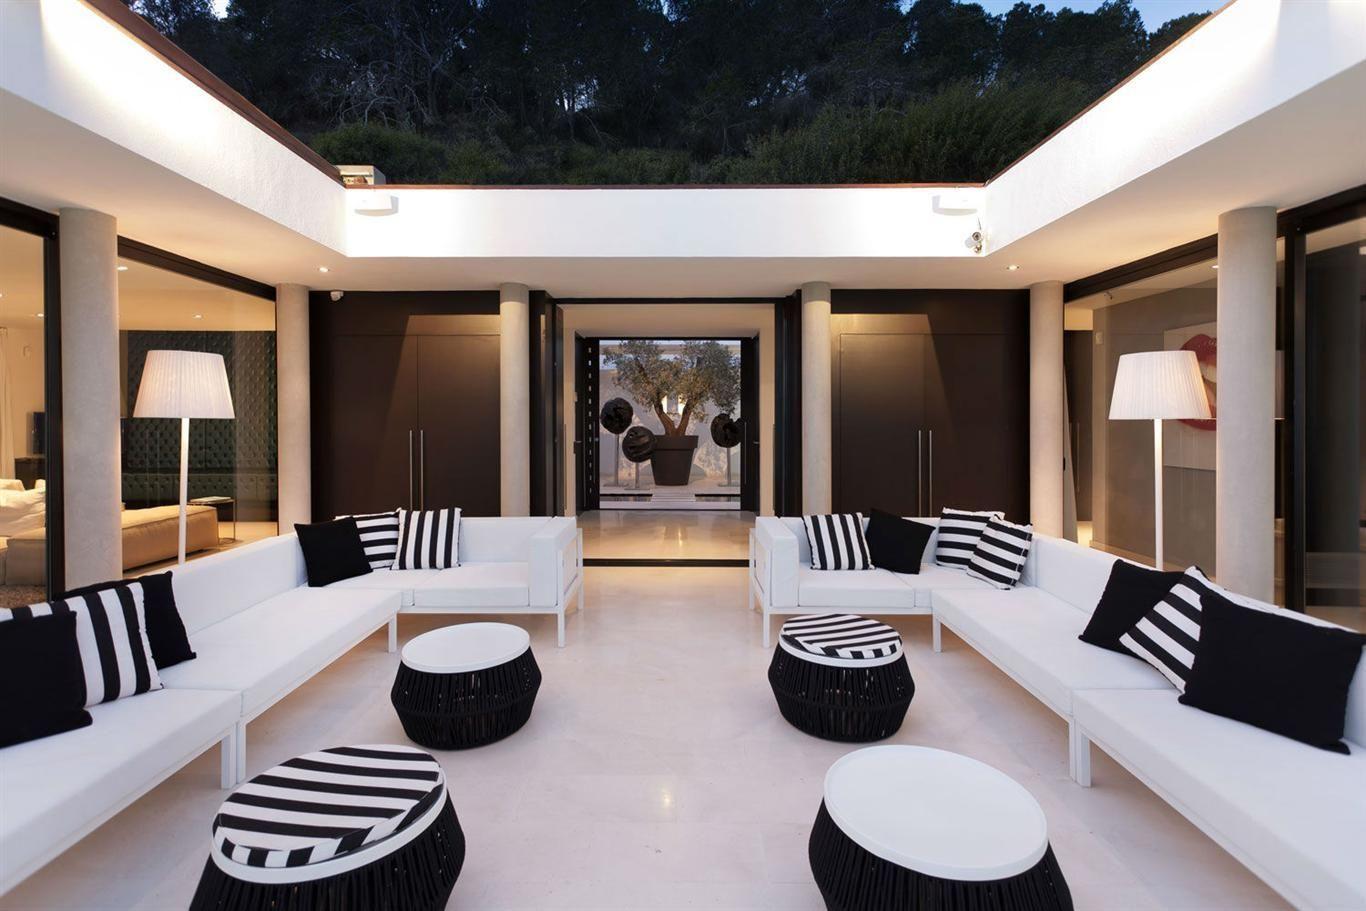 Contemporary luxury villa for sale in San Jose, Ibiza   Home decor ...